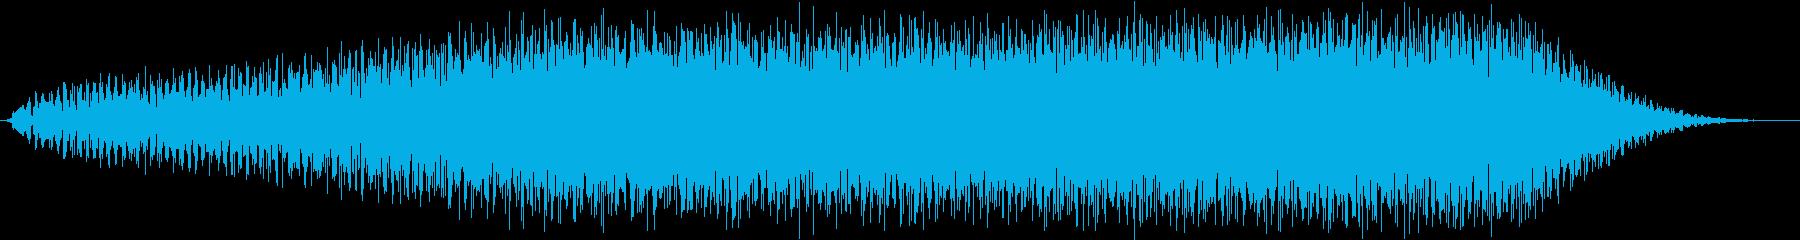 あの なんか出てきそうな音 証拠編の再生済みの波形